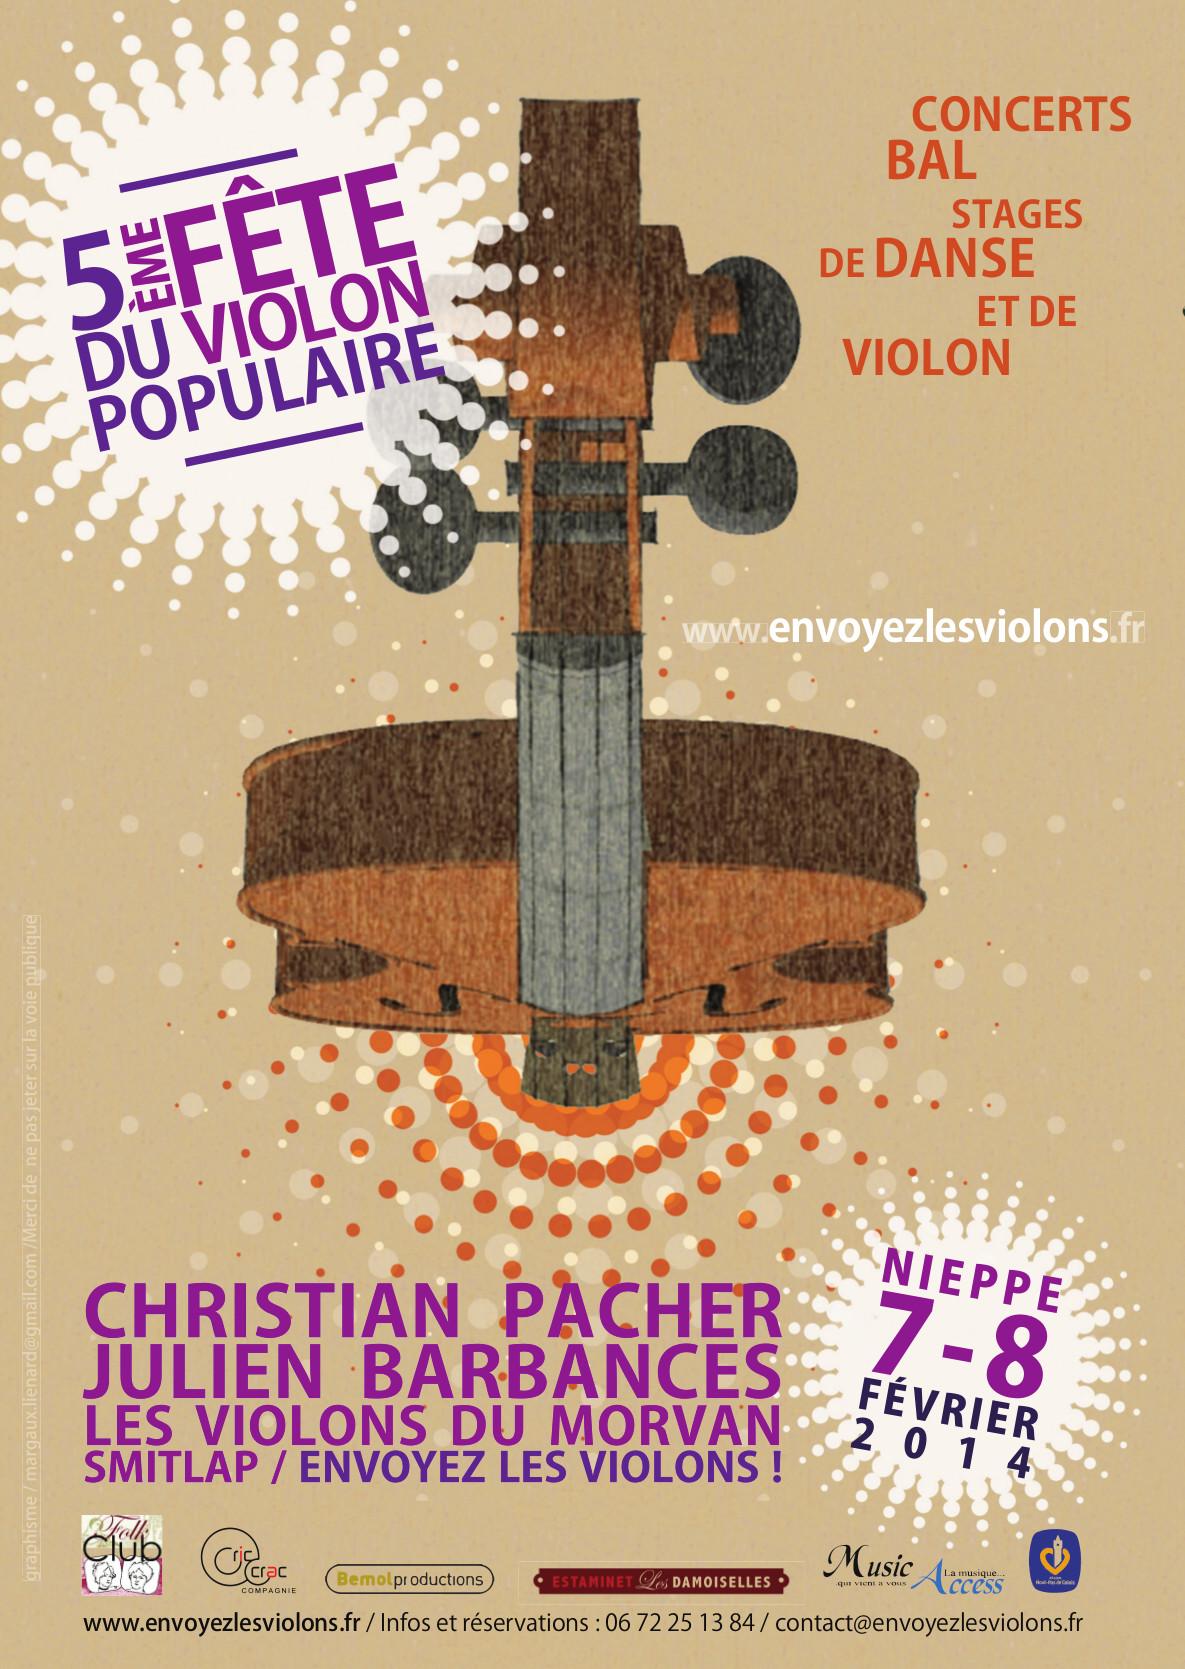 Affiche Concert dans le cadre de la 5ème fête du violon populaire à Nieppe